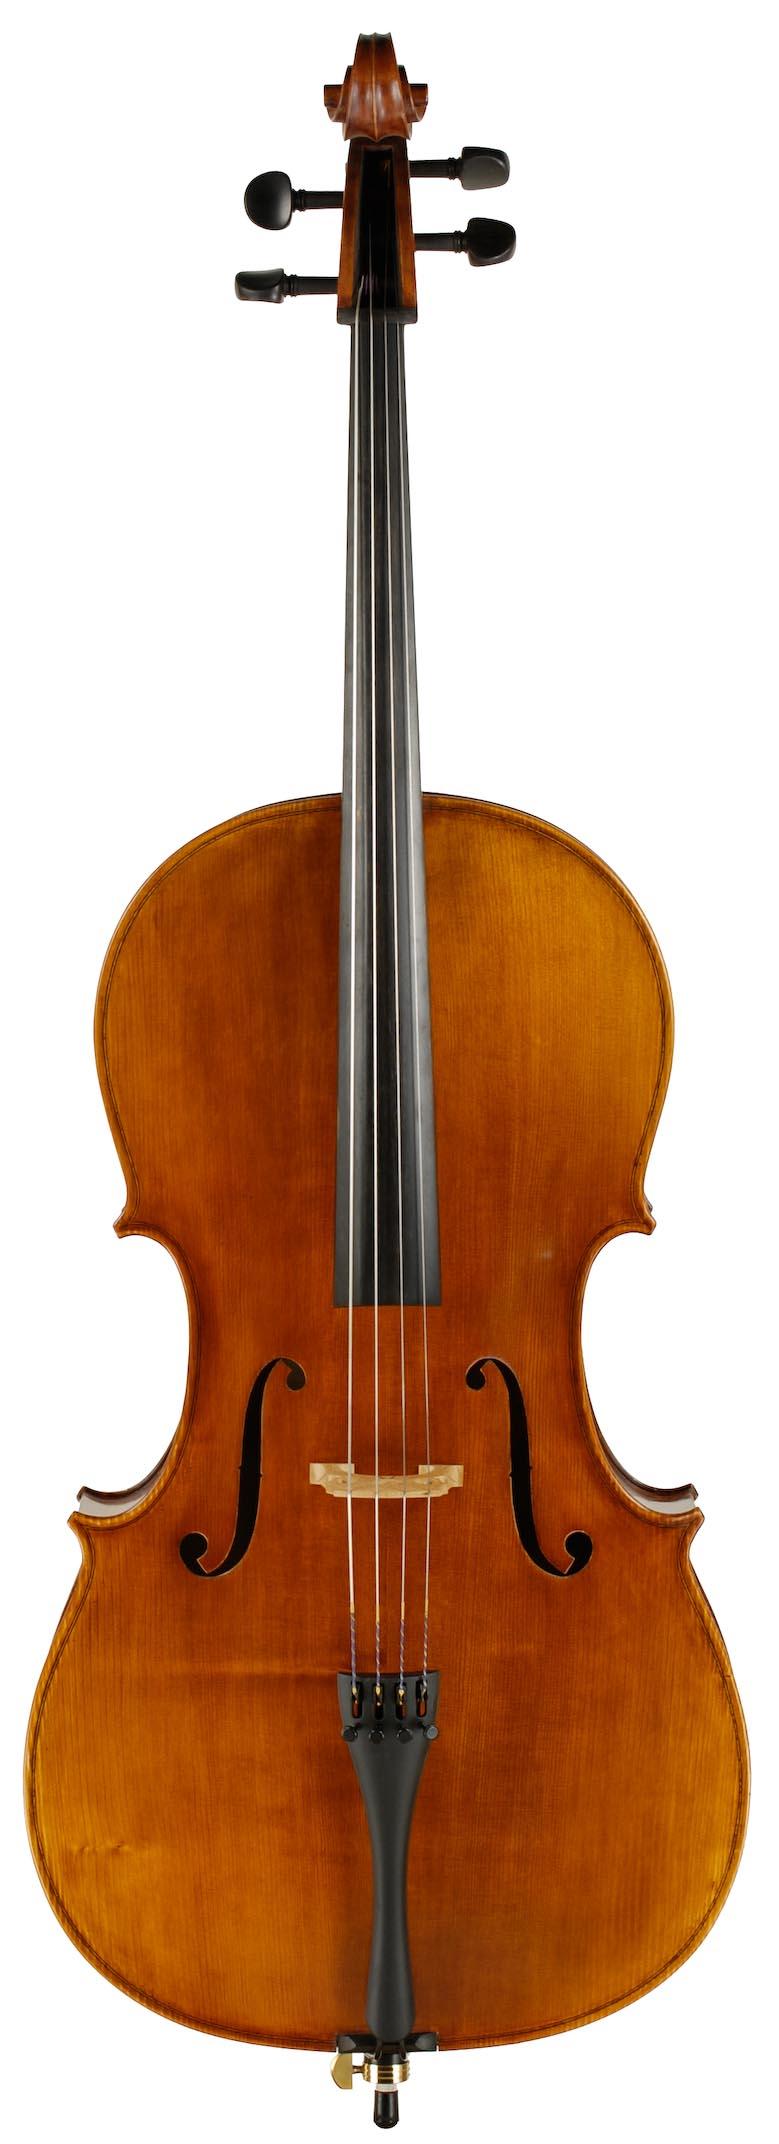 Shen model 150 & 180 Cello